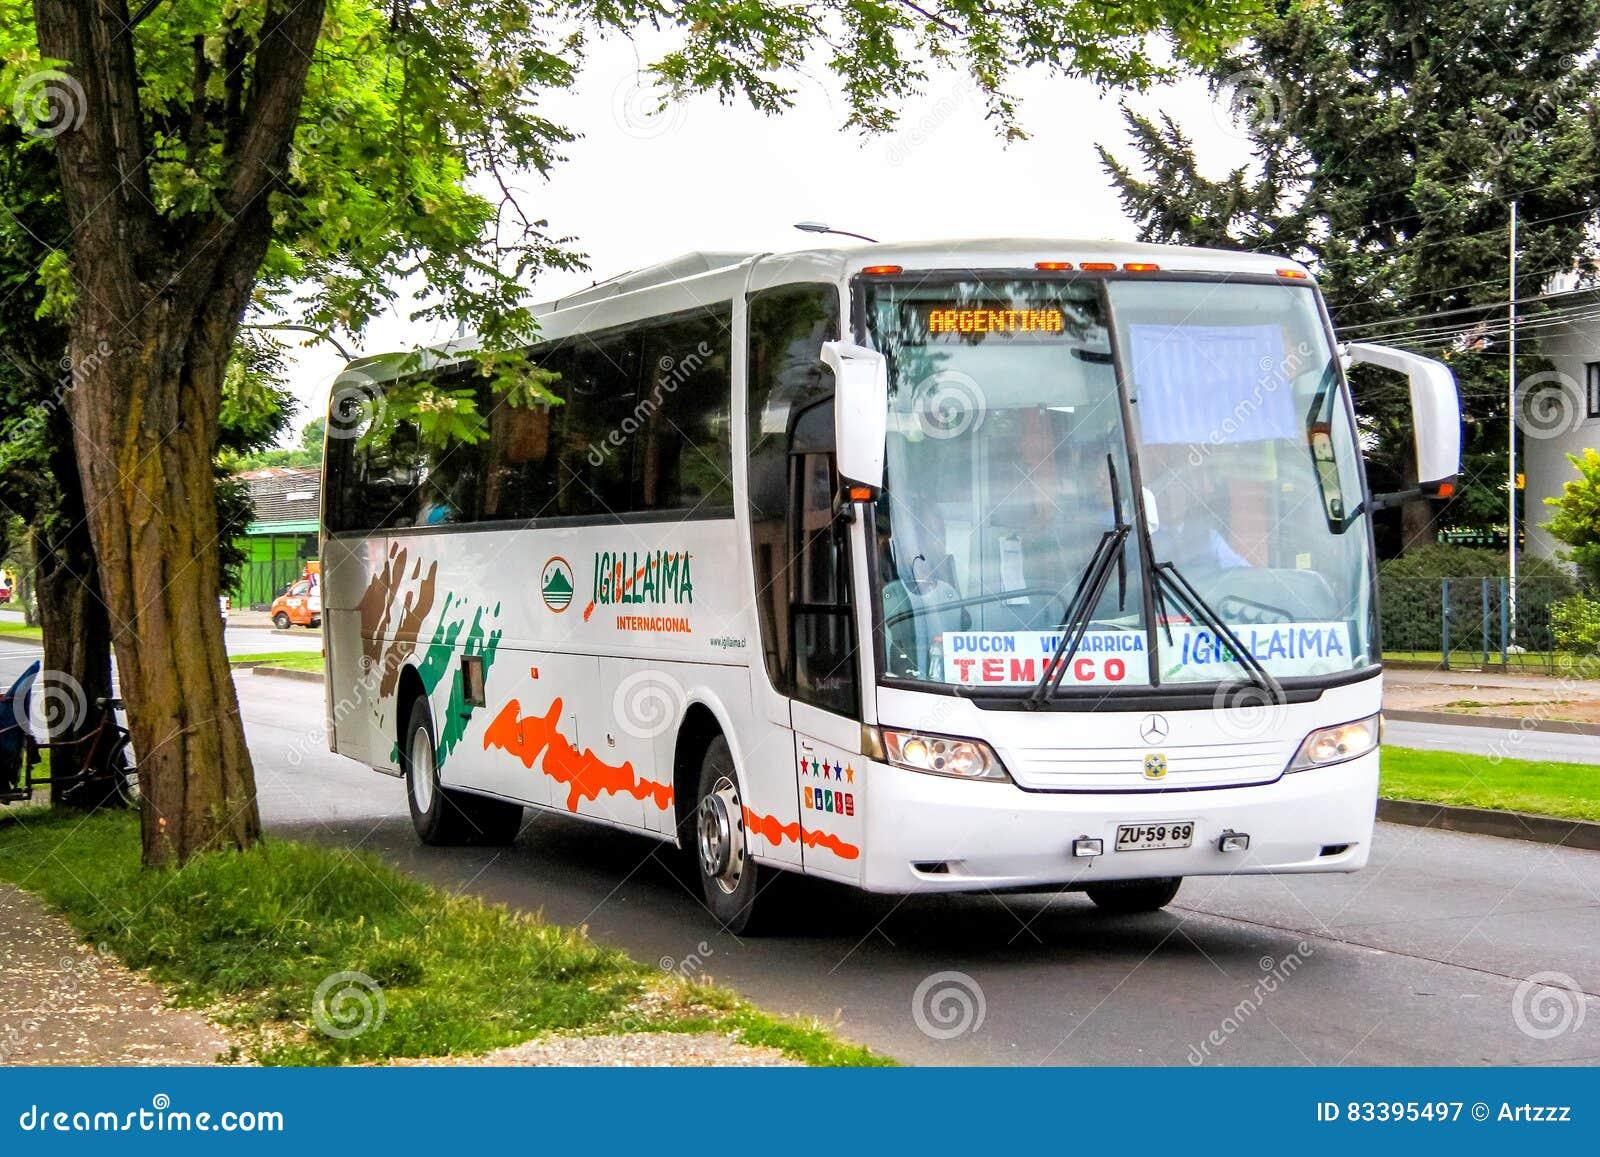 Intercitytrainer Busscar